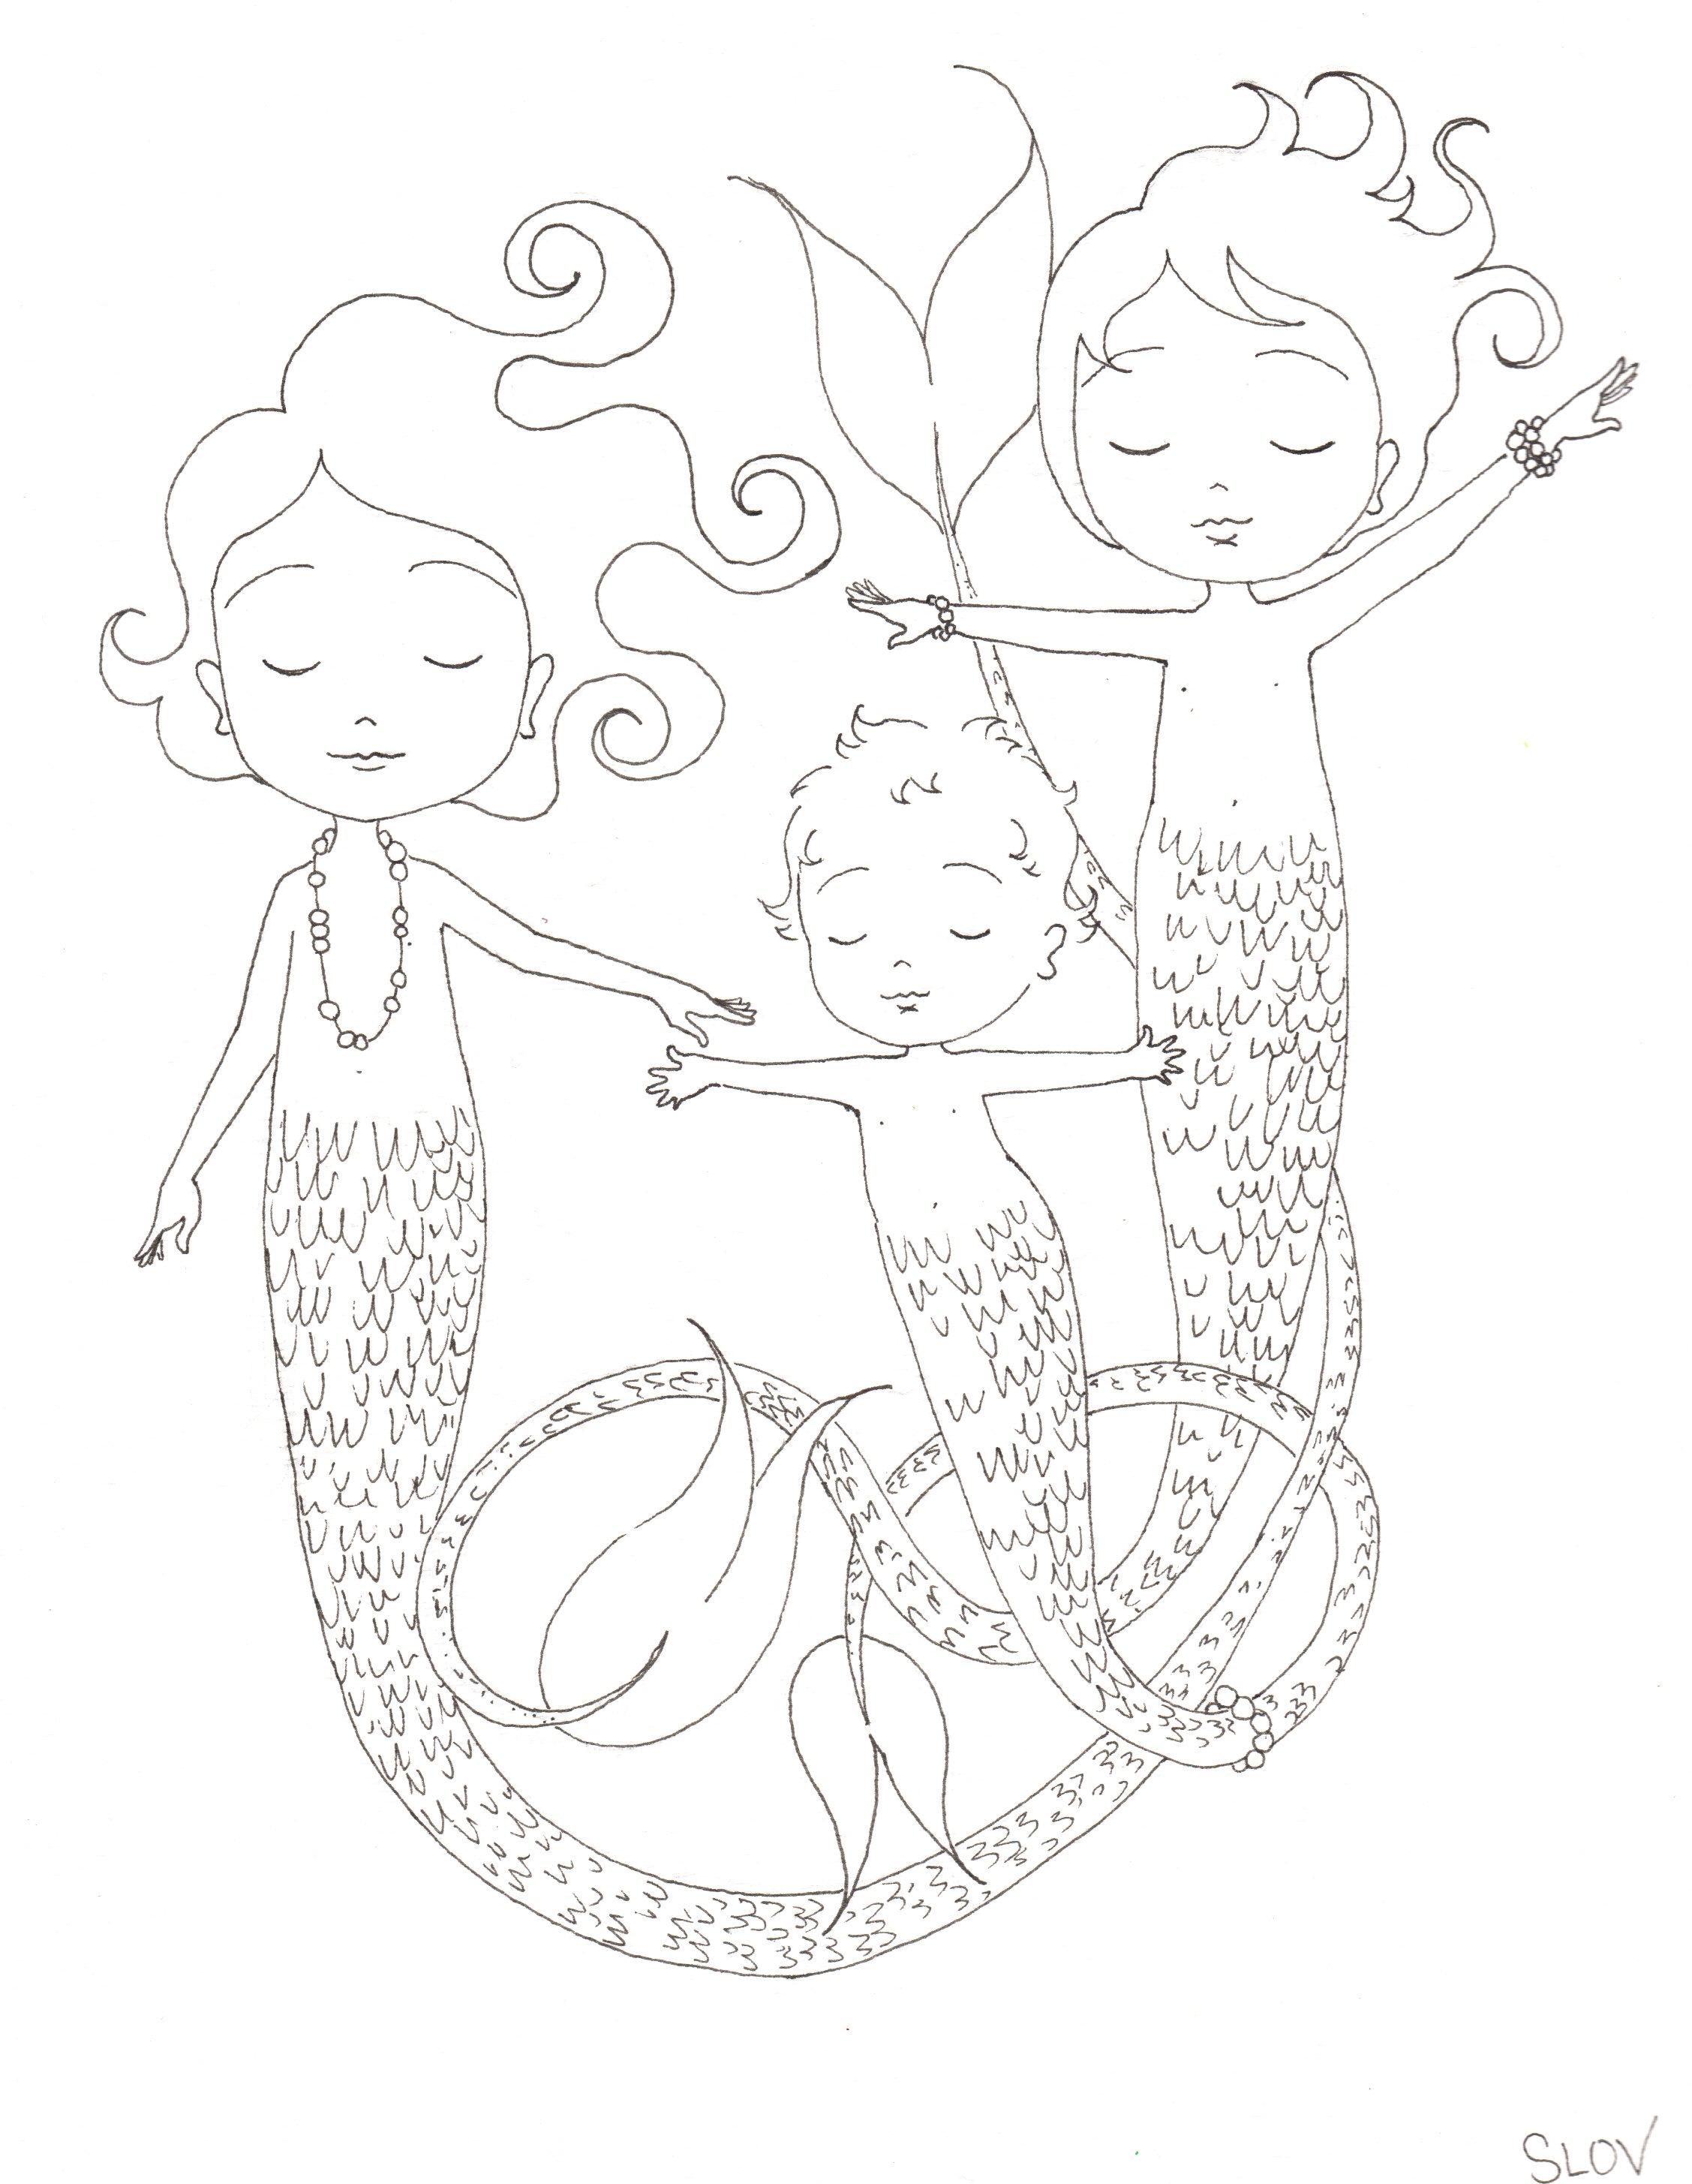 sleeping mermaids coloring page u2014 slovly